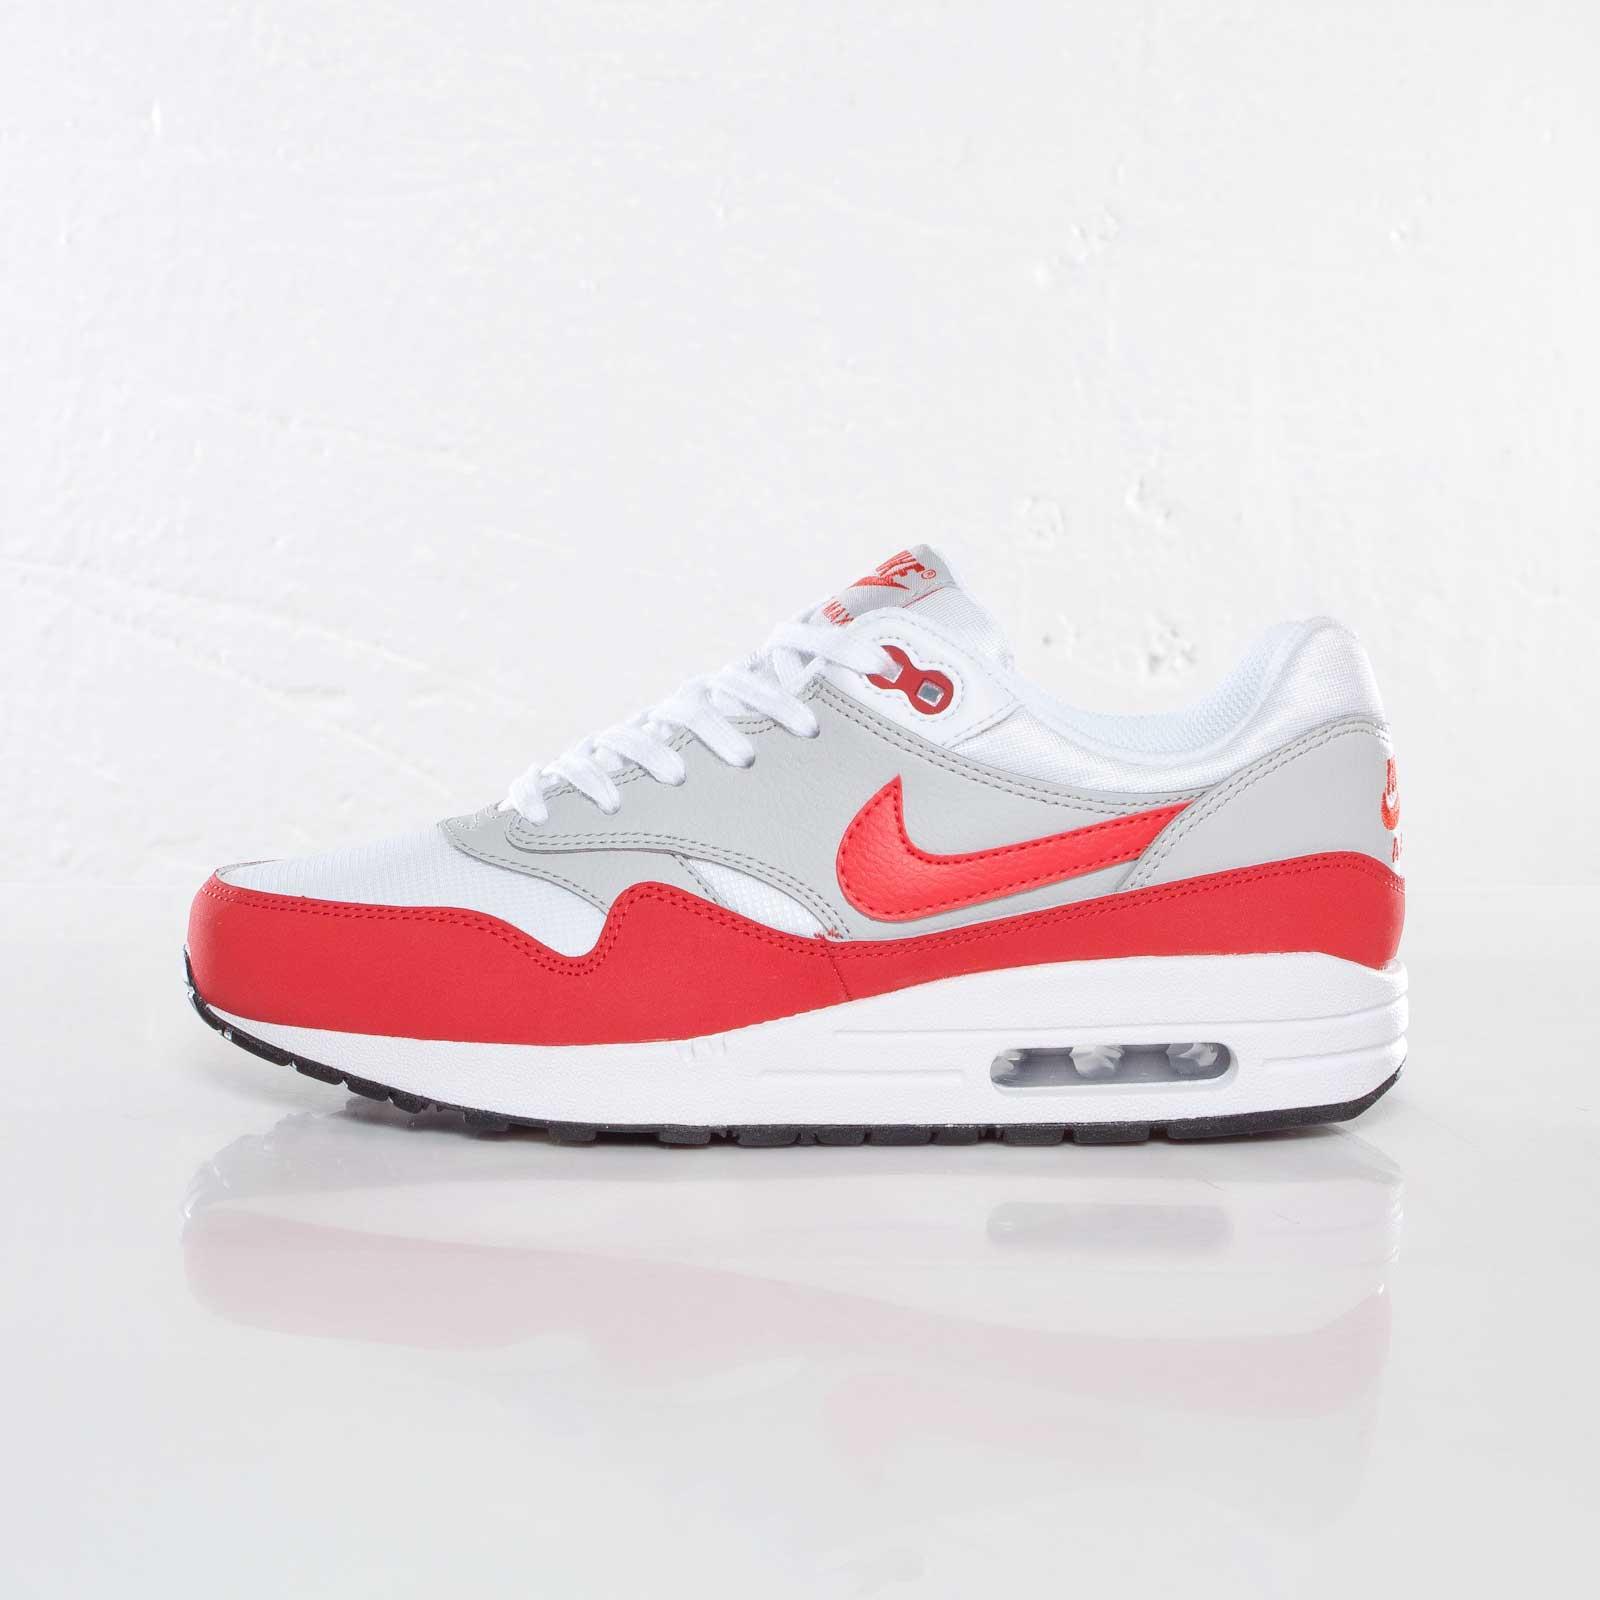 Nike Air Max 1 (GS) - 555766-101 - SNS | sneakers & streetwear ...